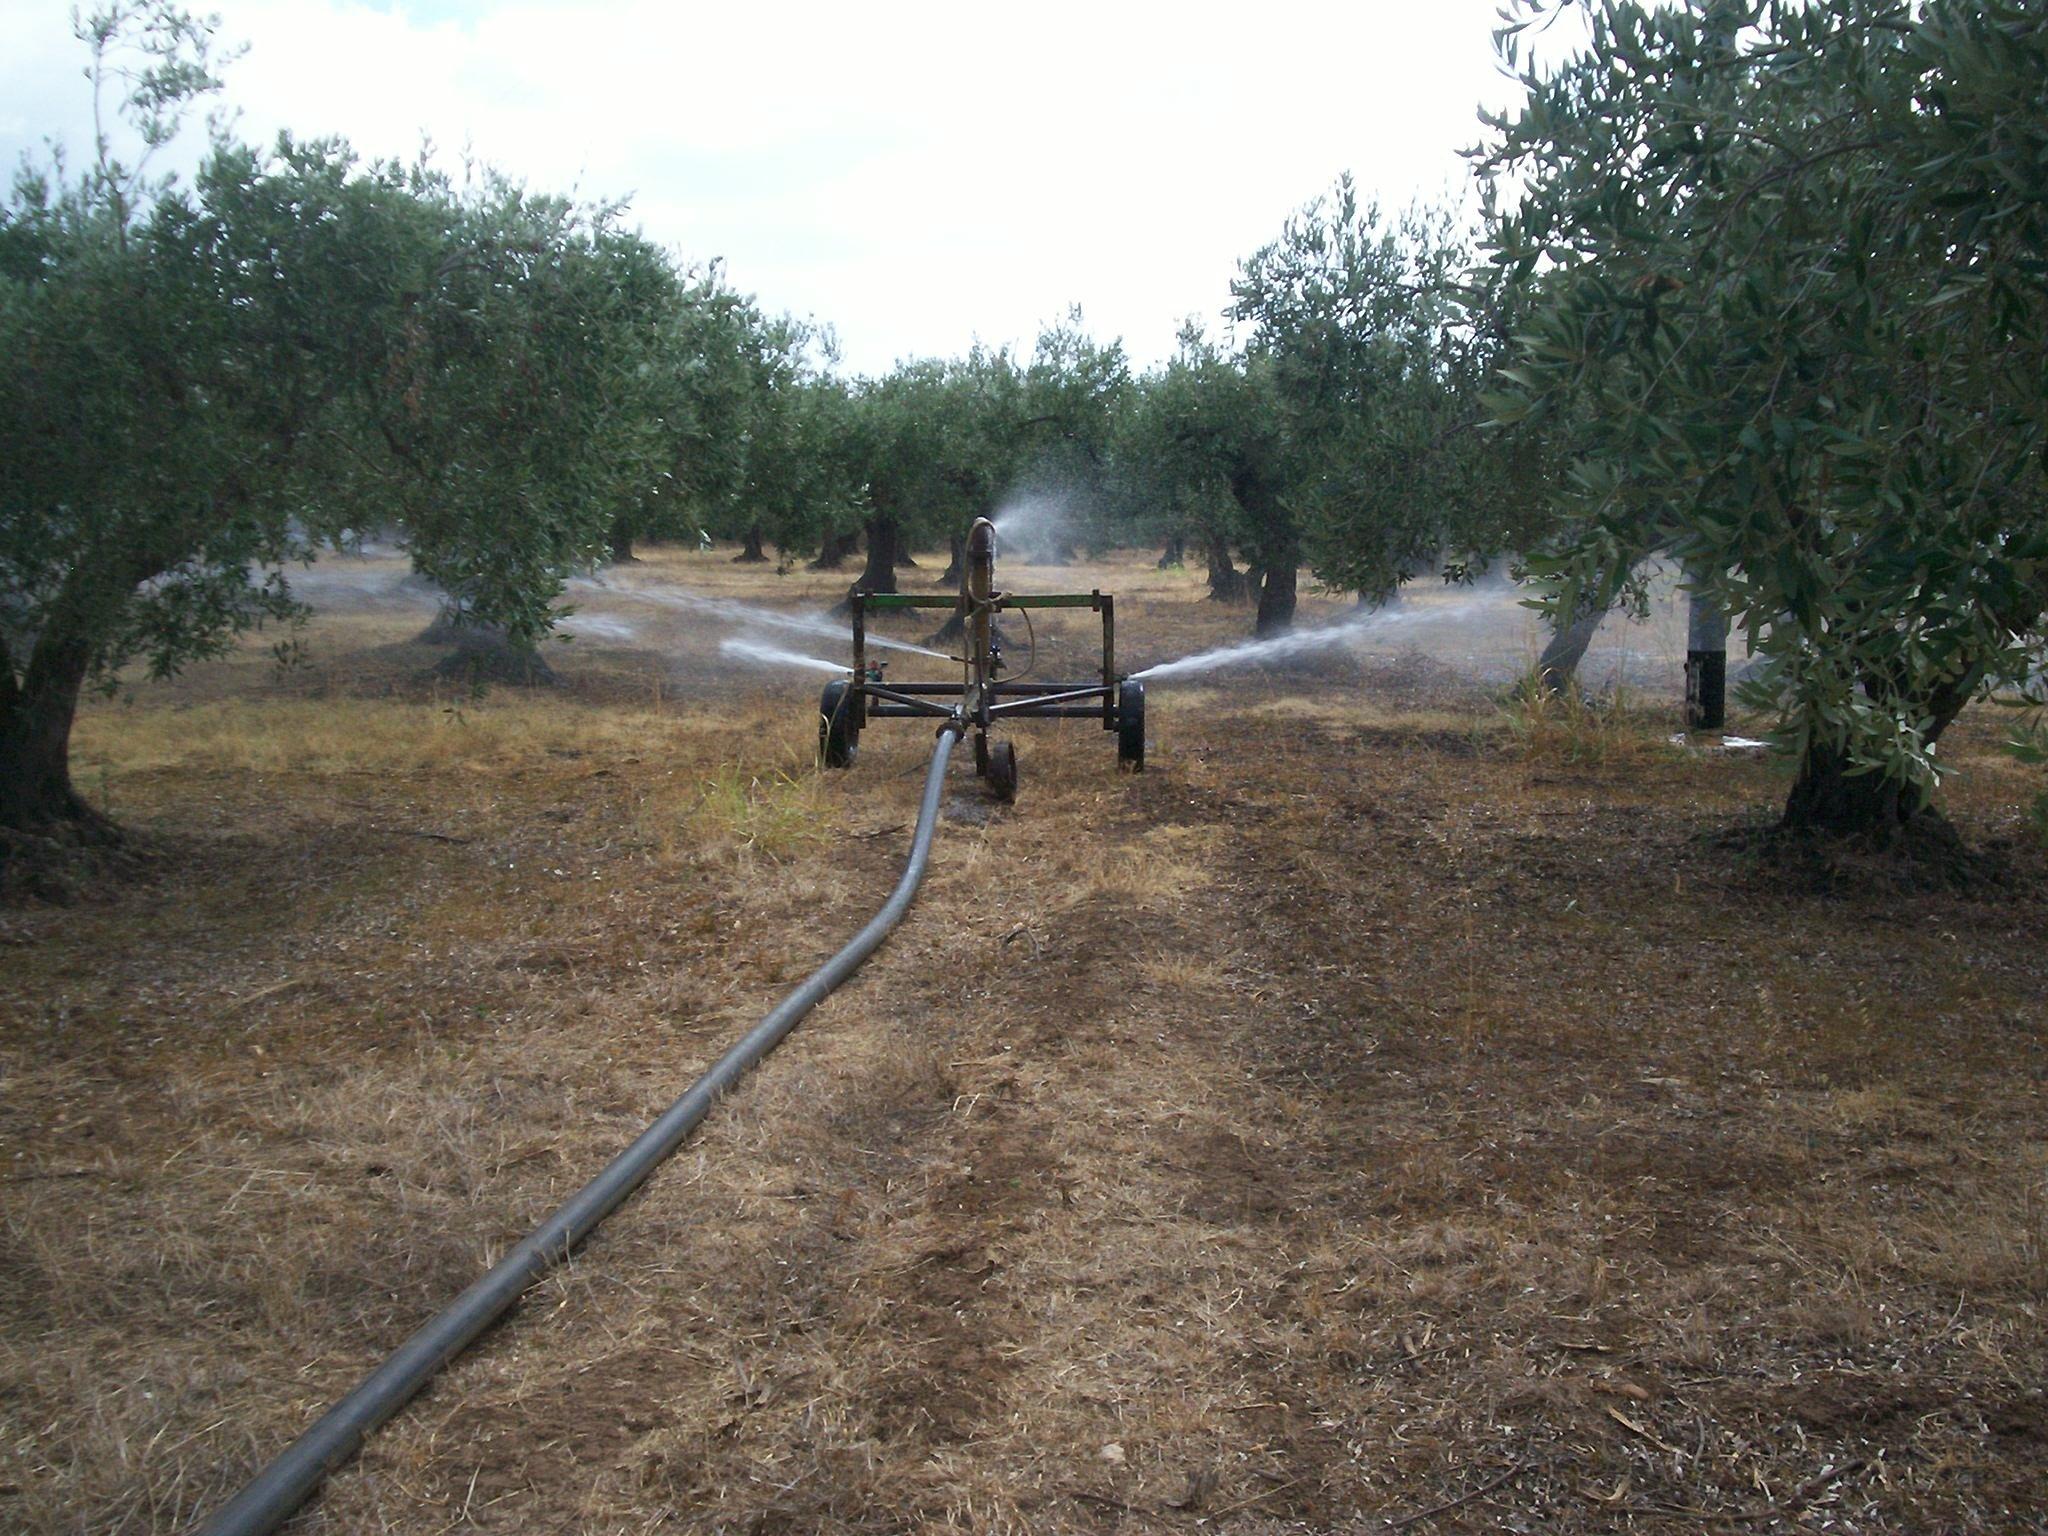 Aspersione irriwiki for Costo impianto irrigazione a pioggia